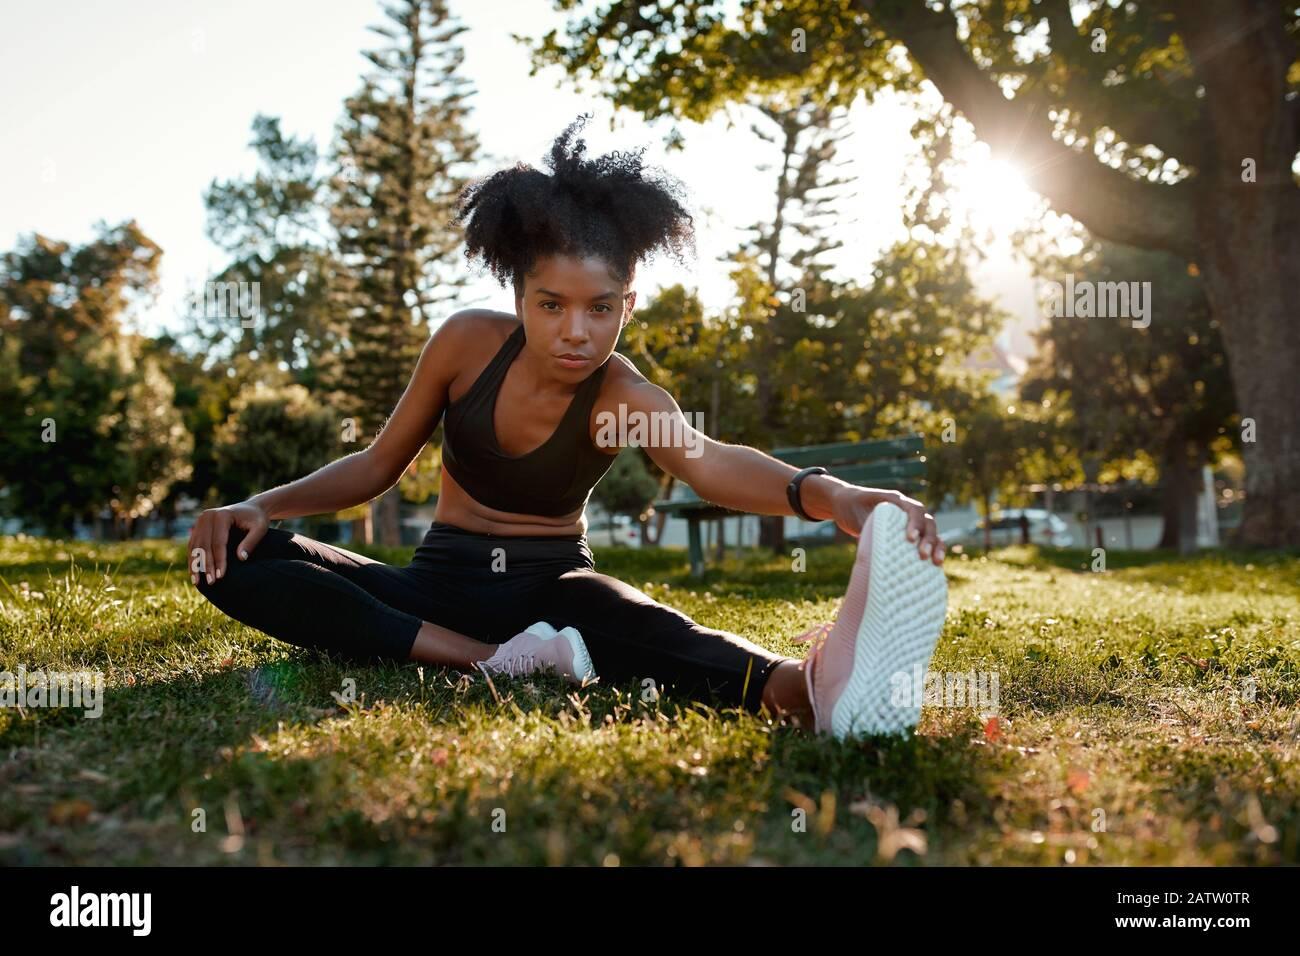 Retrato de una determinada mujer afroamericana sentada en hierba verde haciendo ejercicio en el parque - joven mujer negra calentándola Foto de stock